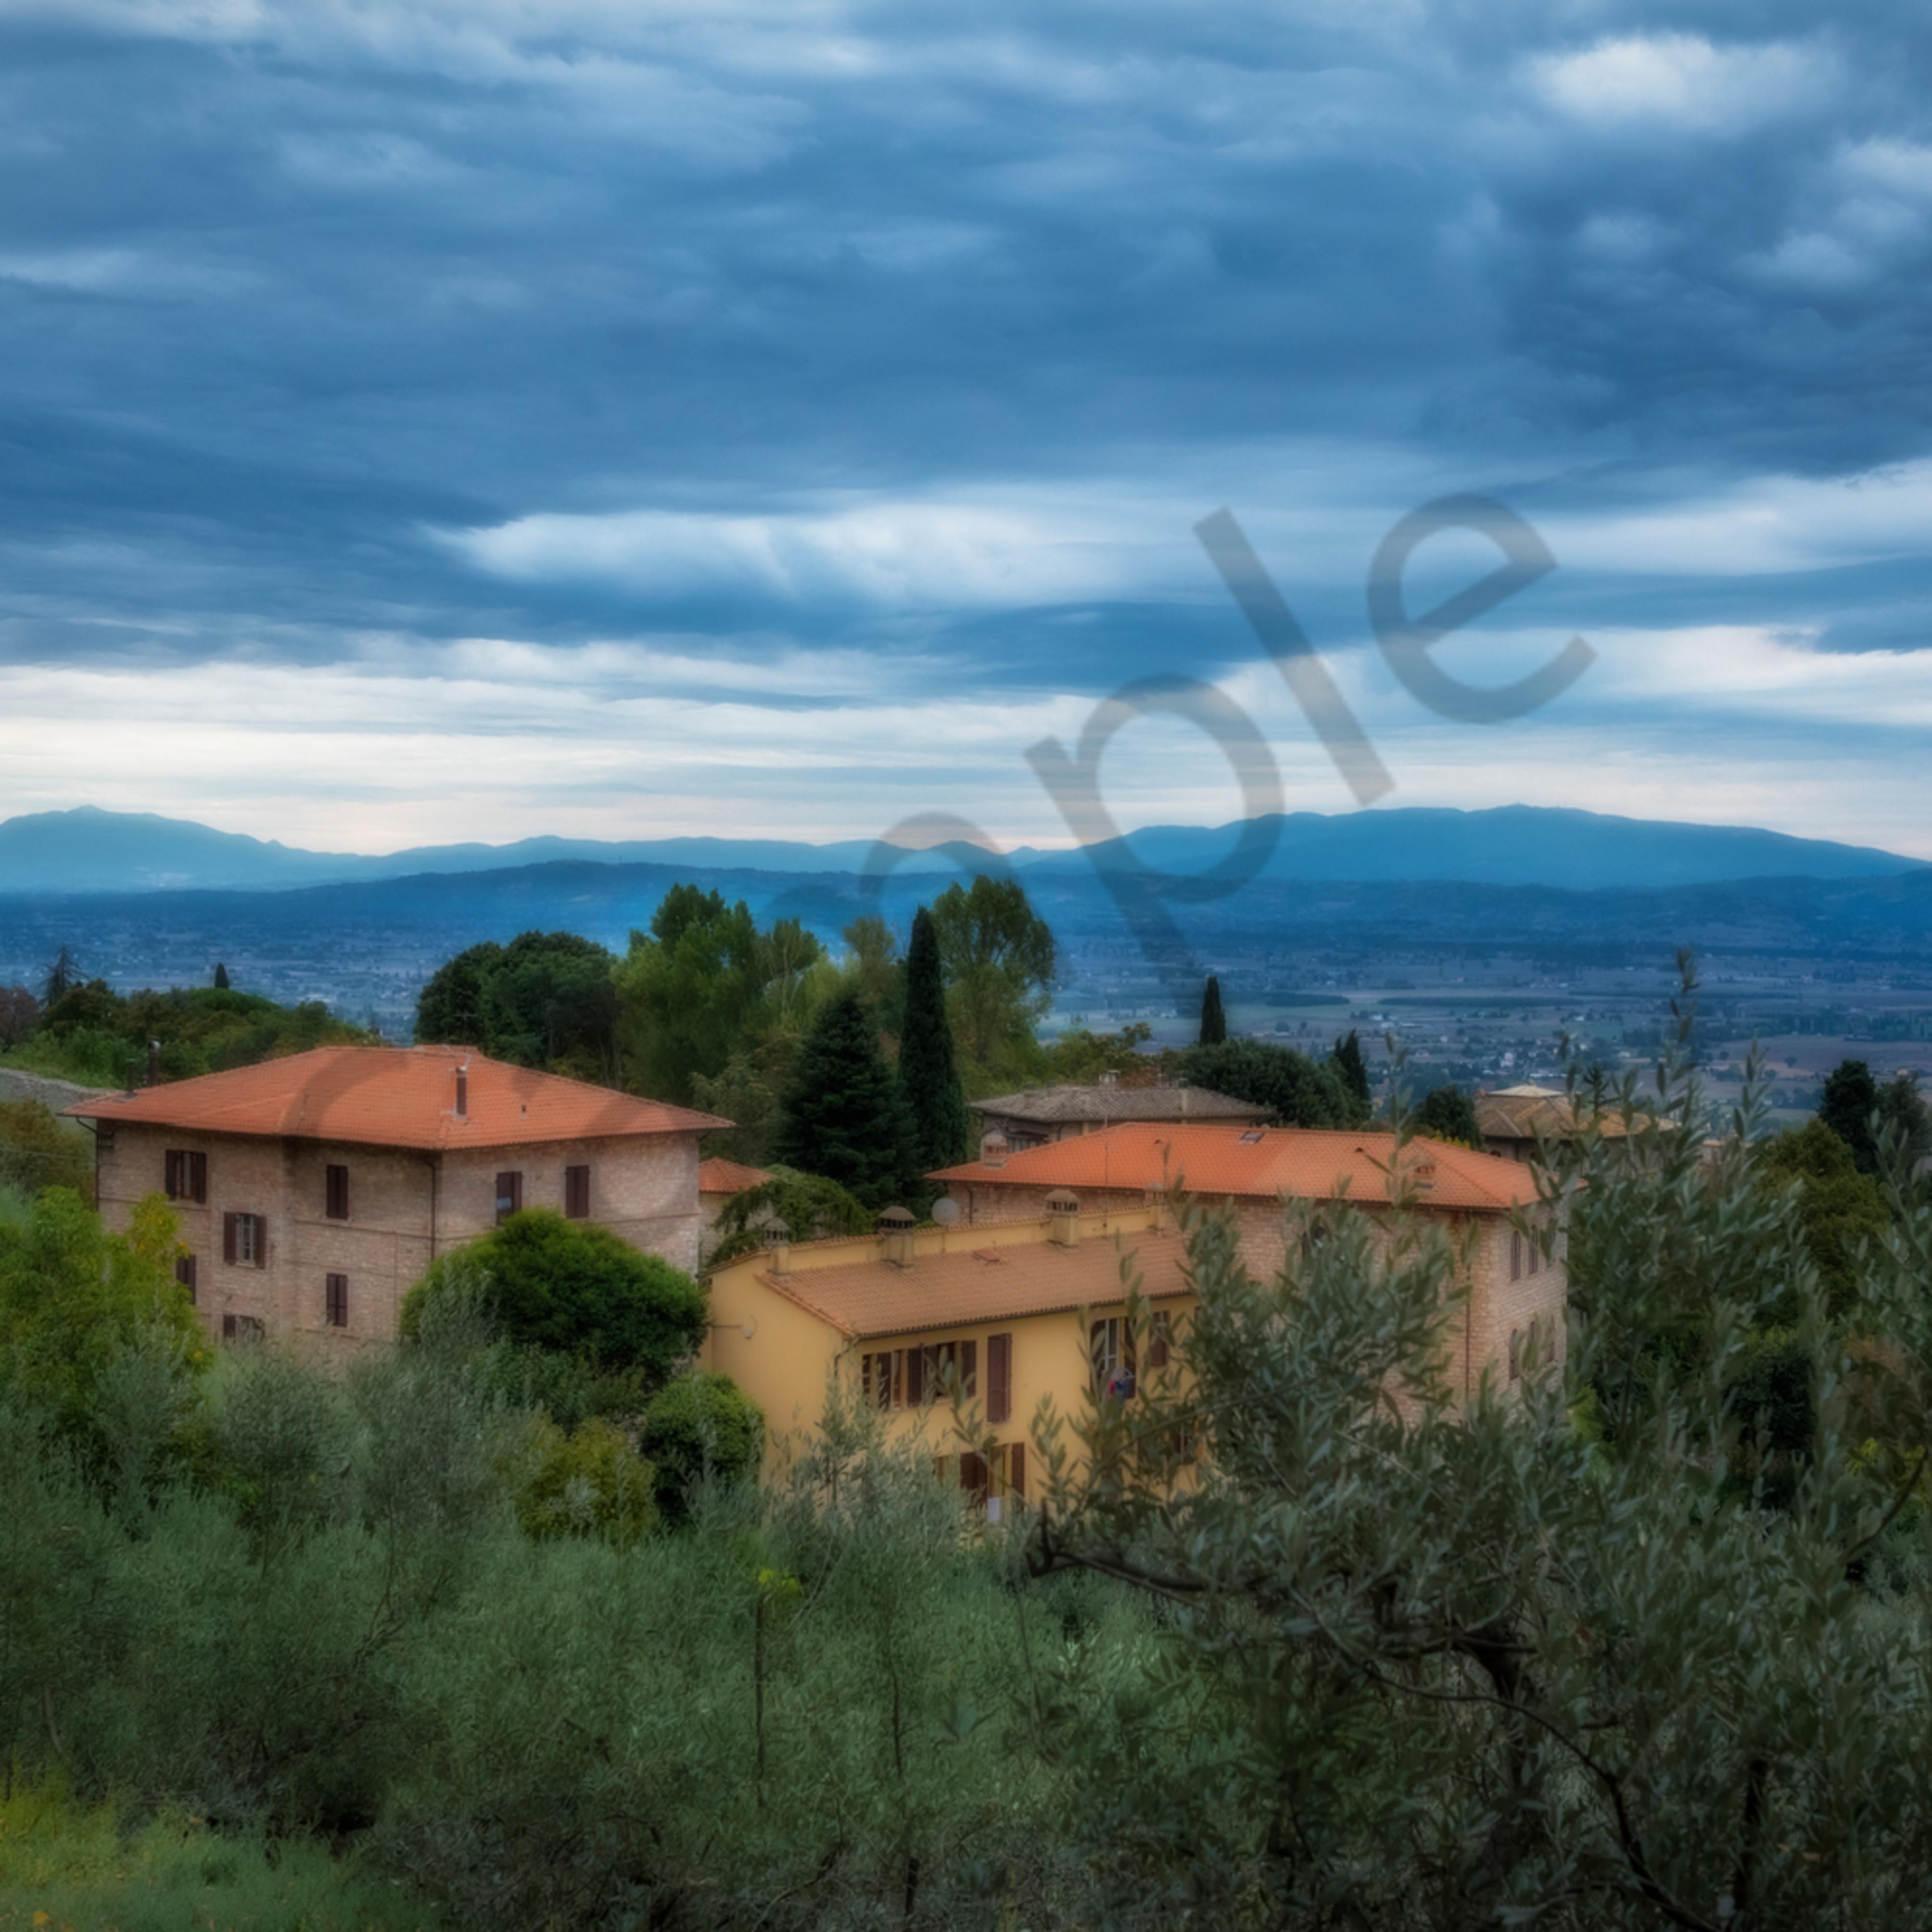 San g tuscany dark mqivpi